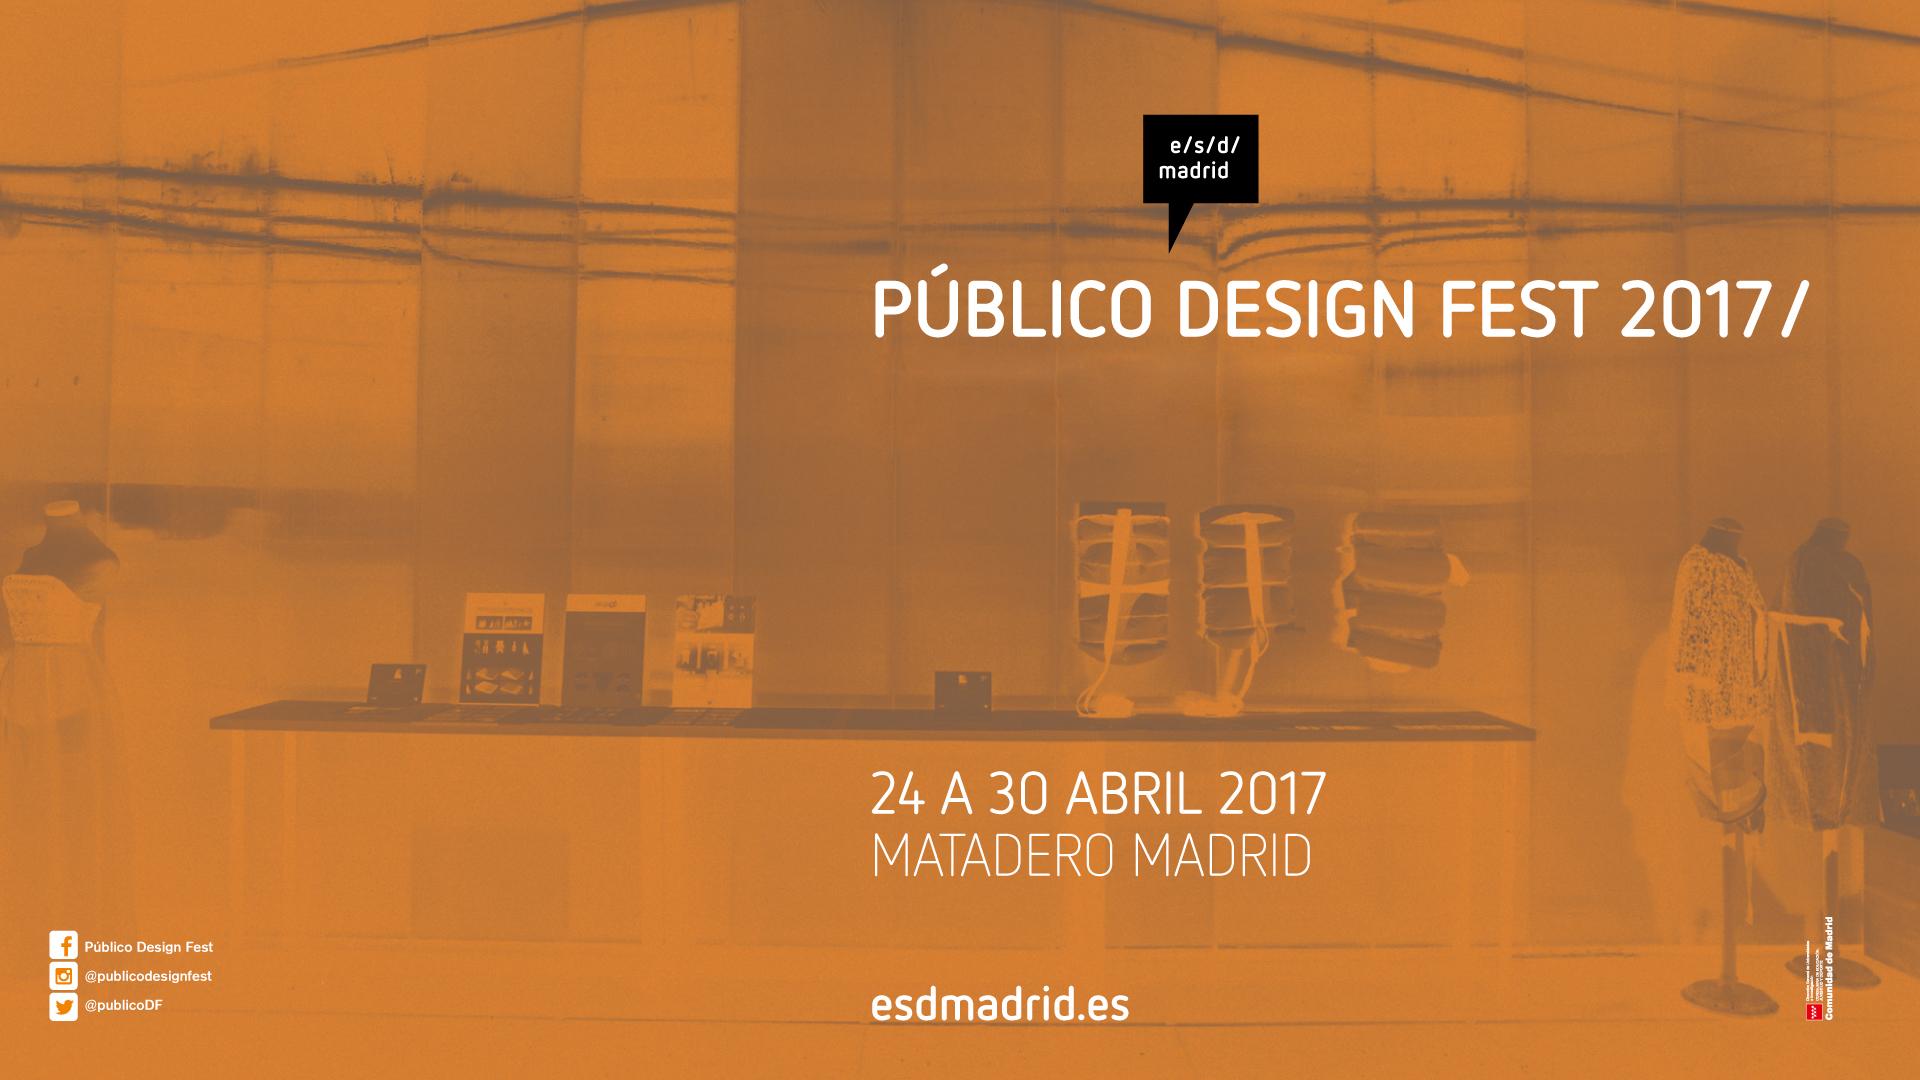 Público Design Fest (PDF)